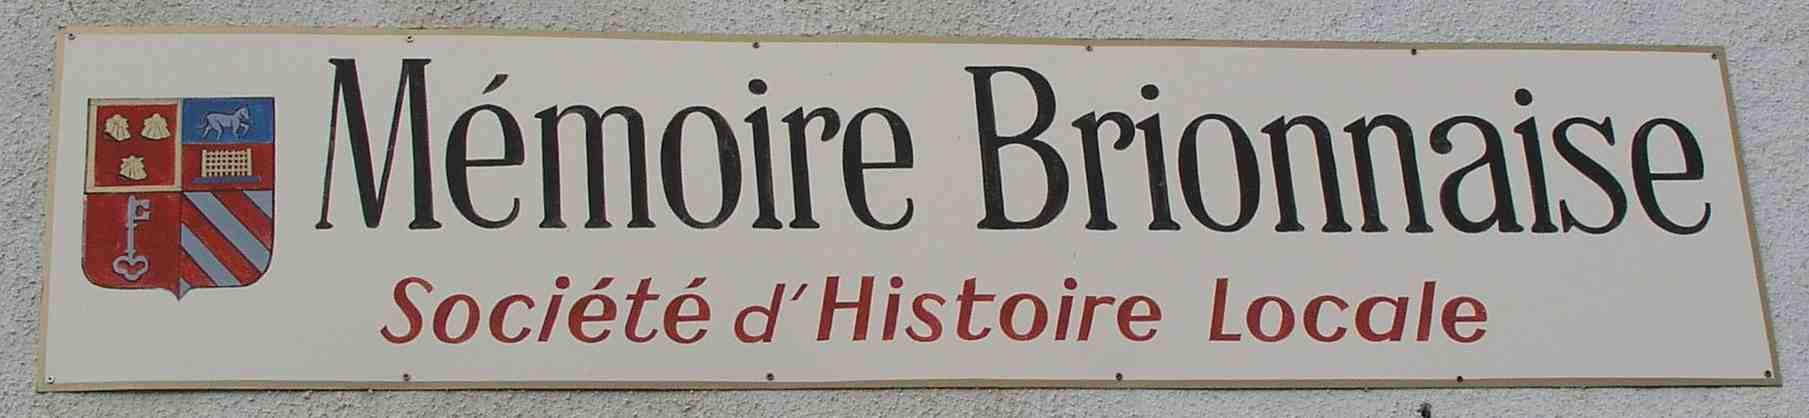 Mémoire Brionnaise